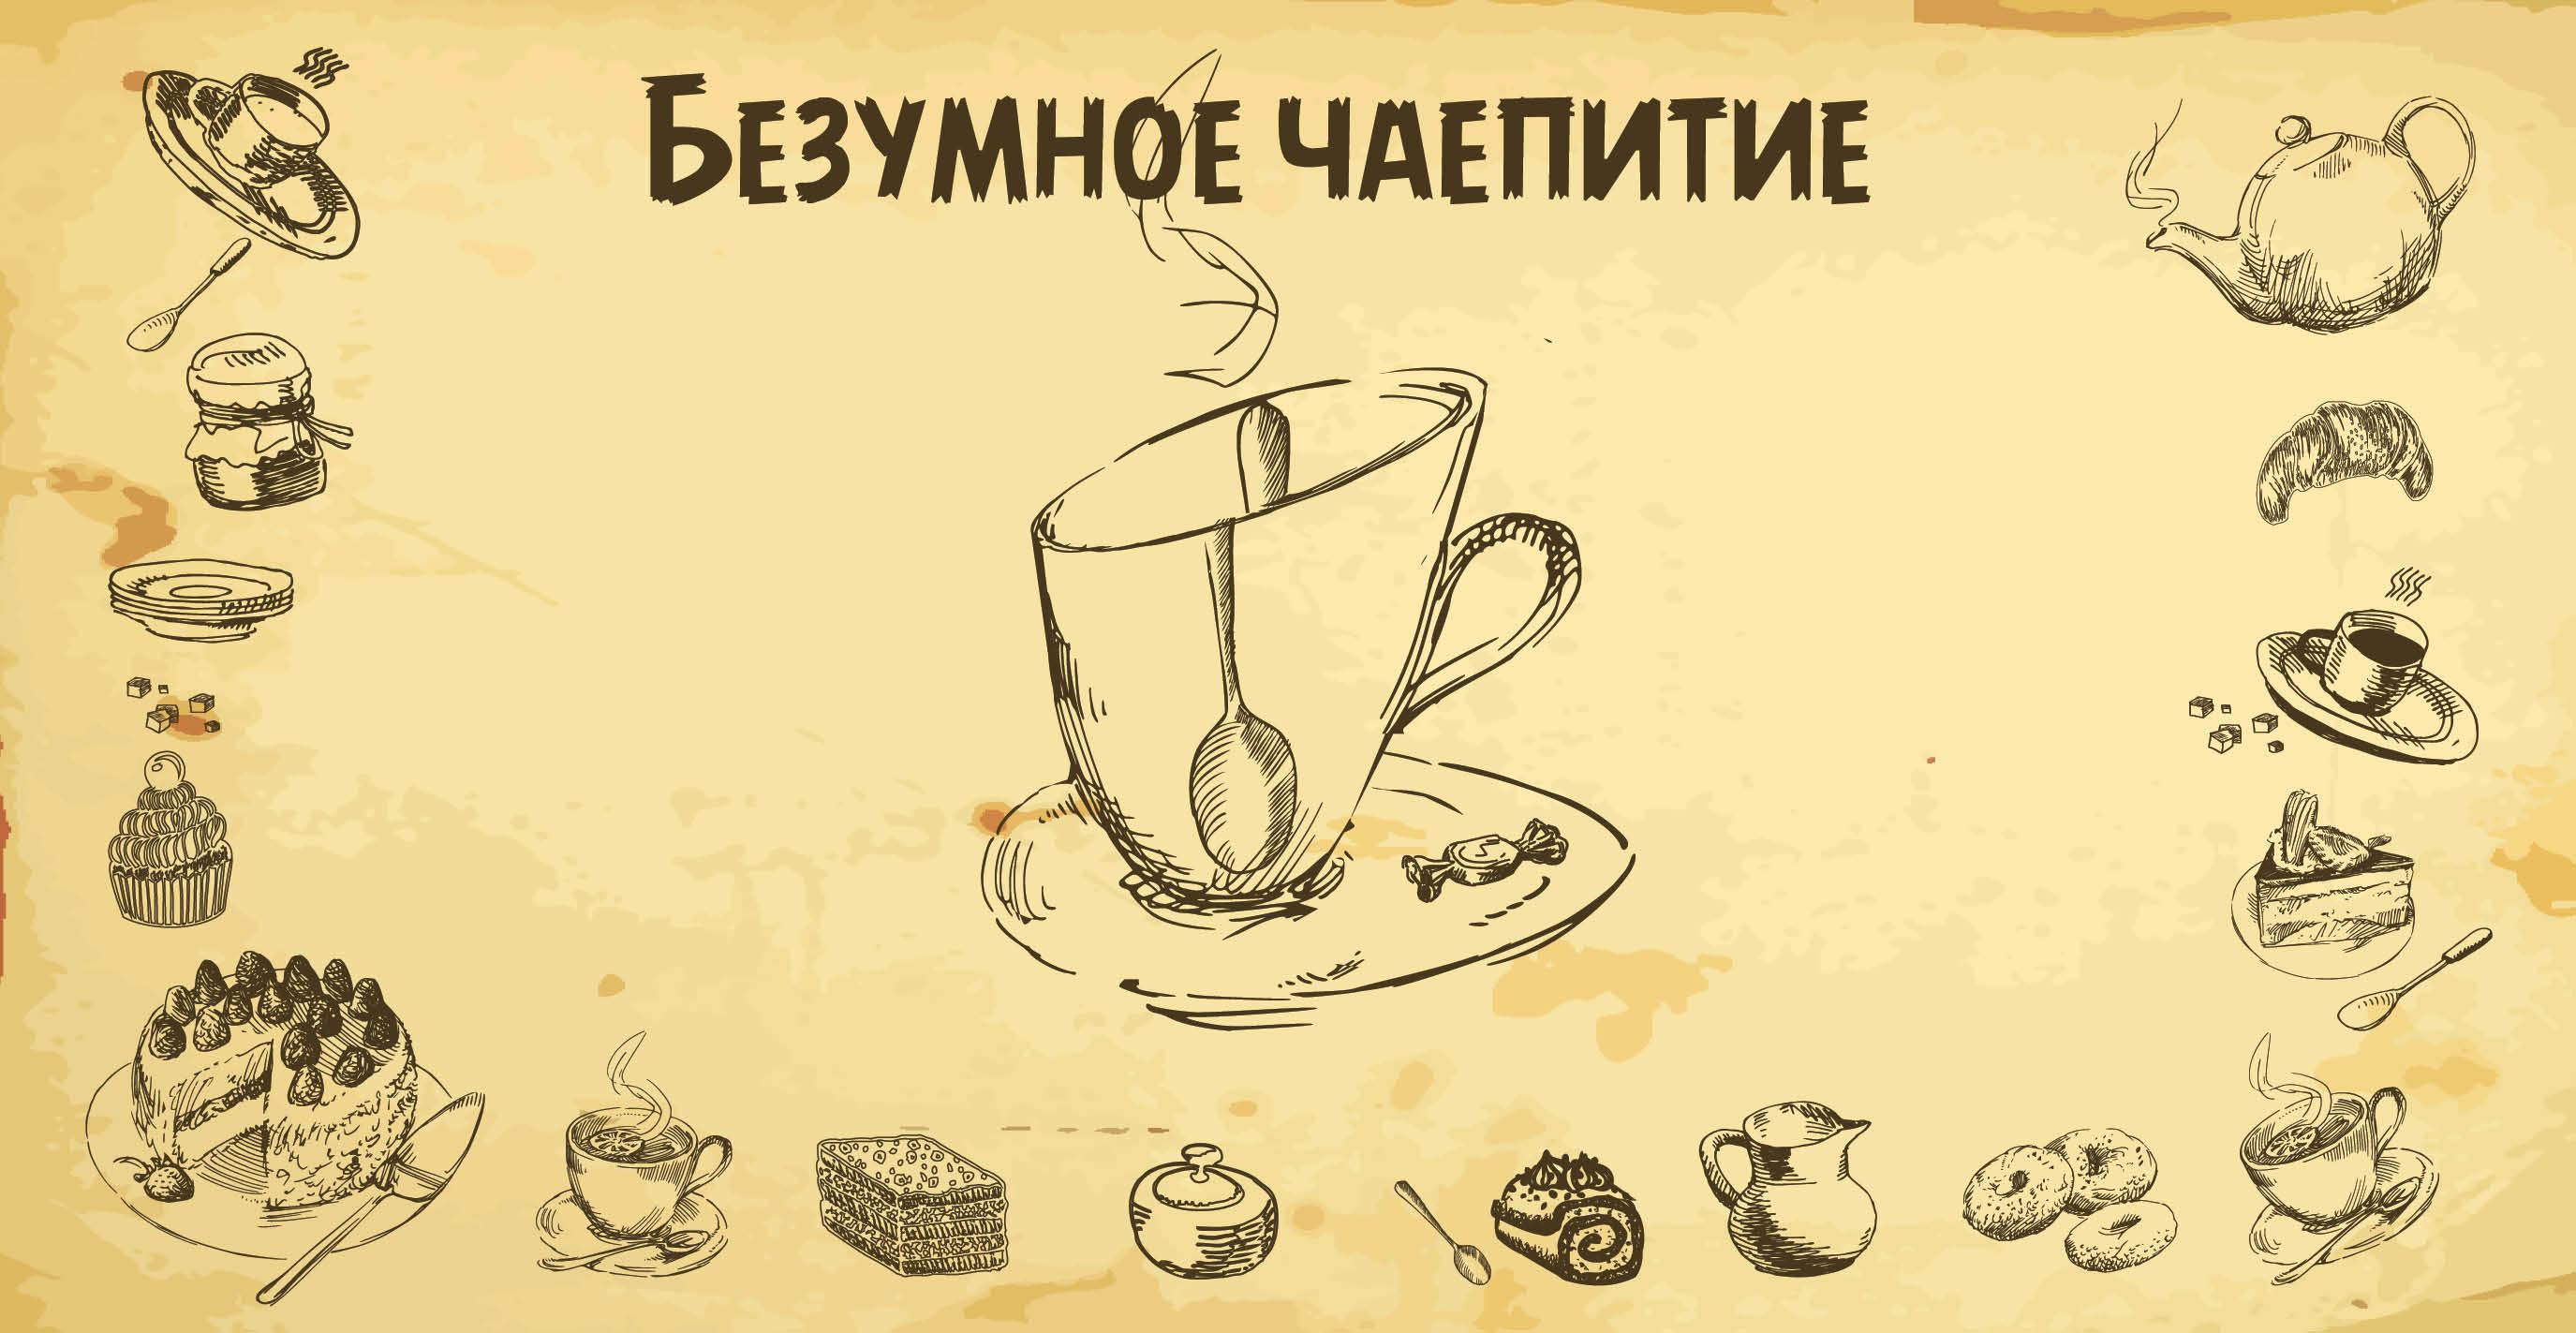 Приглашения на безумное чаепитие